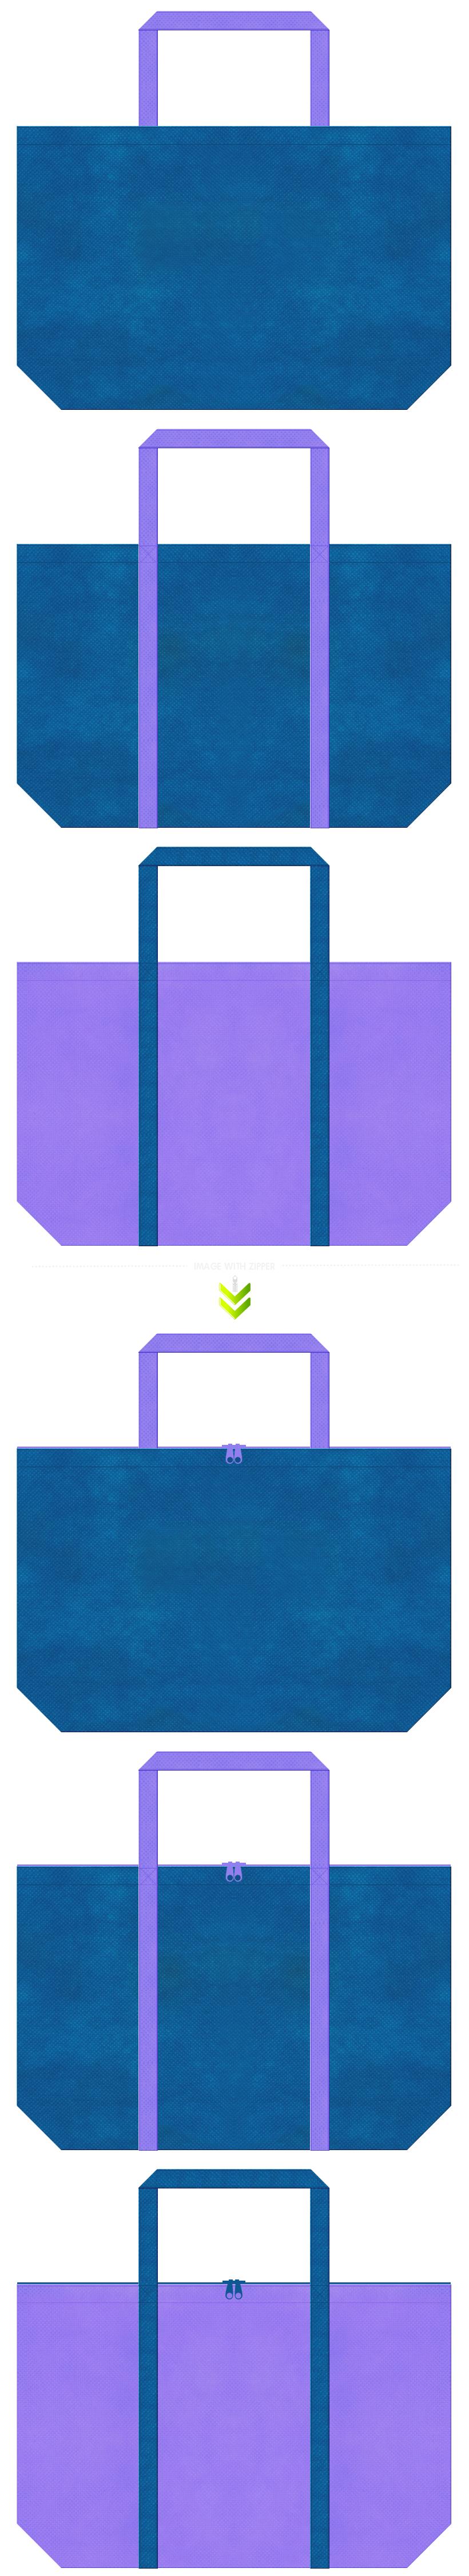 青色と薄紫色の不織布ショッピングバッグのデザイン